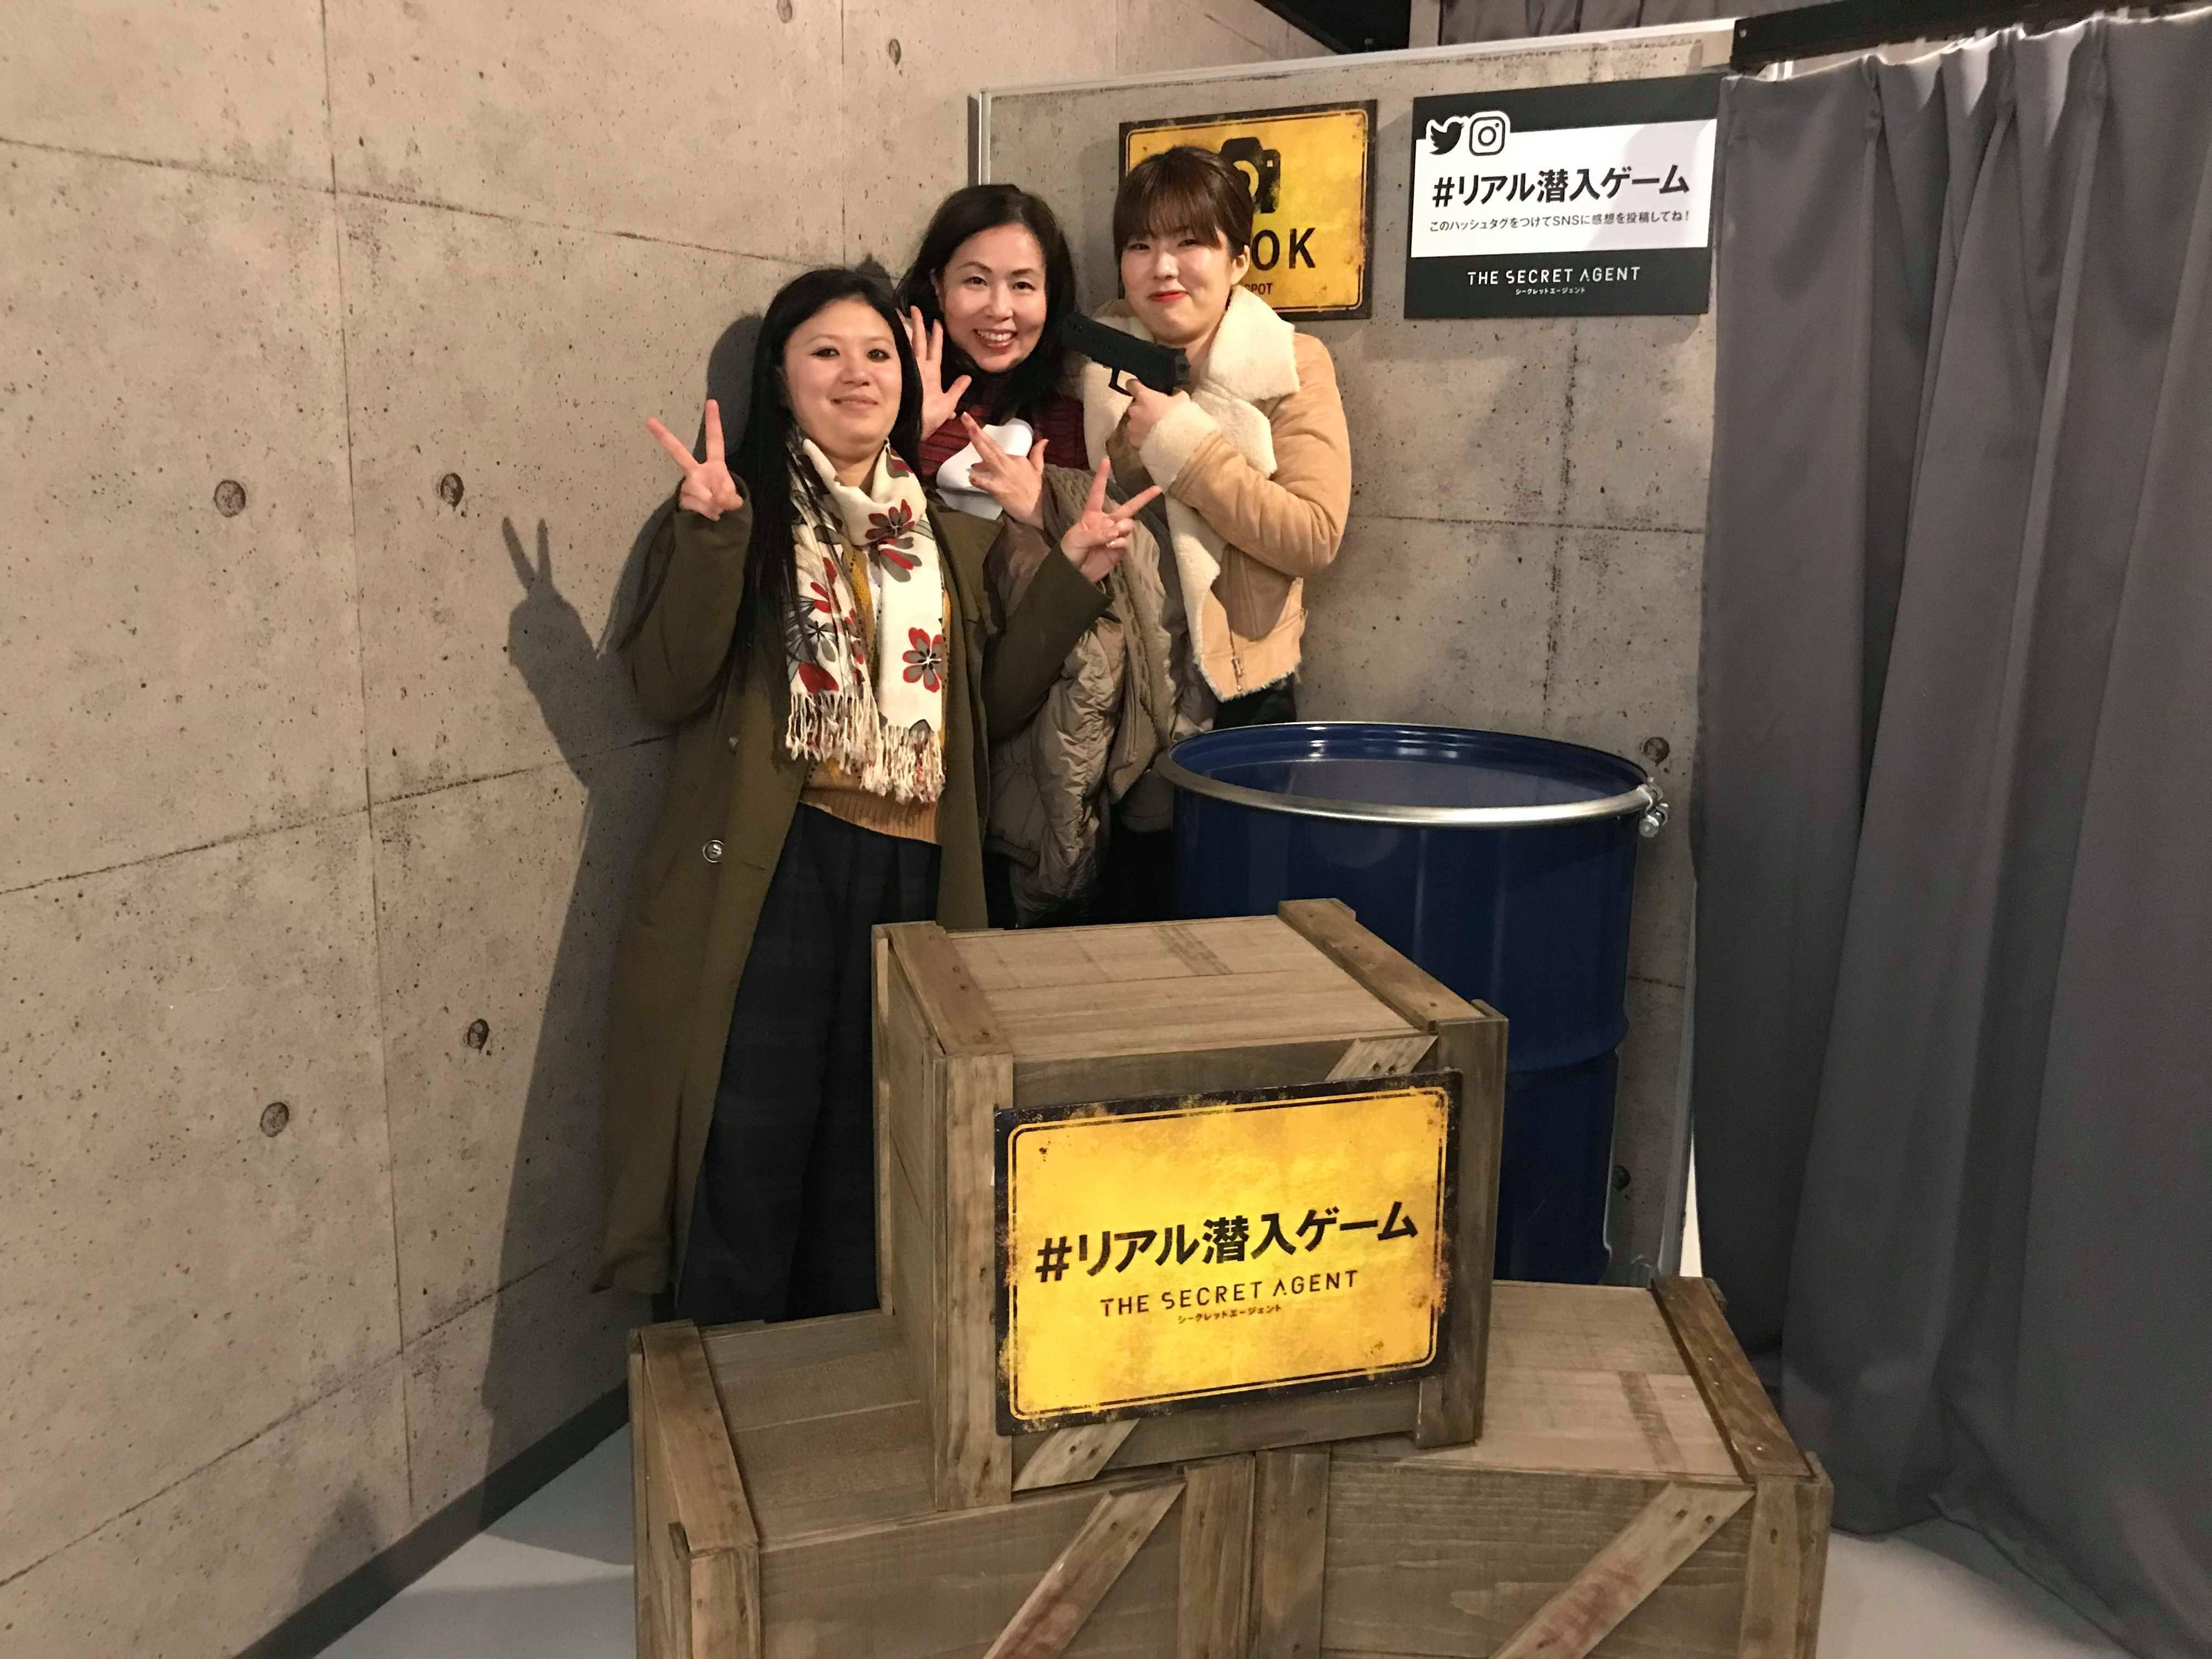 東京ミステリーサーカス9